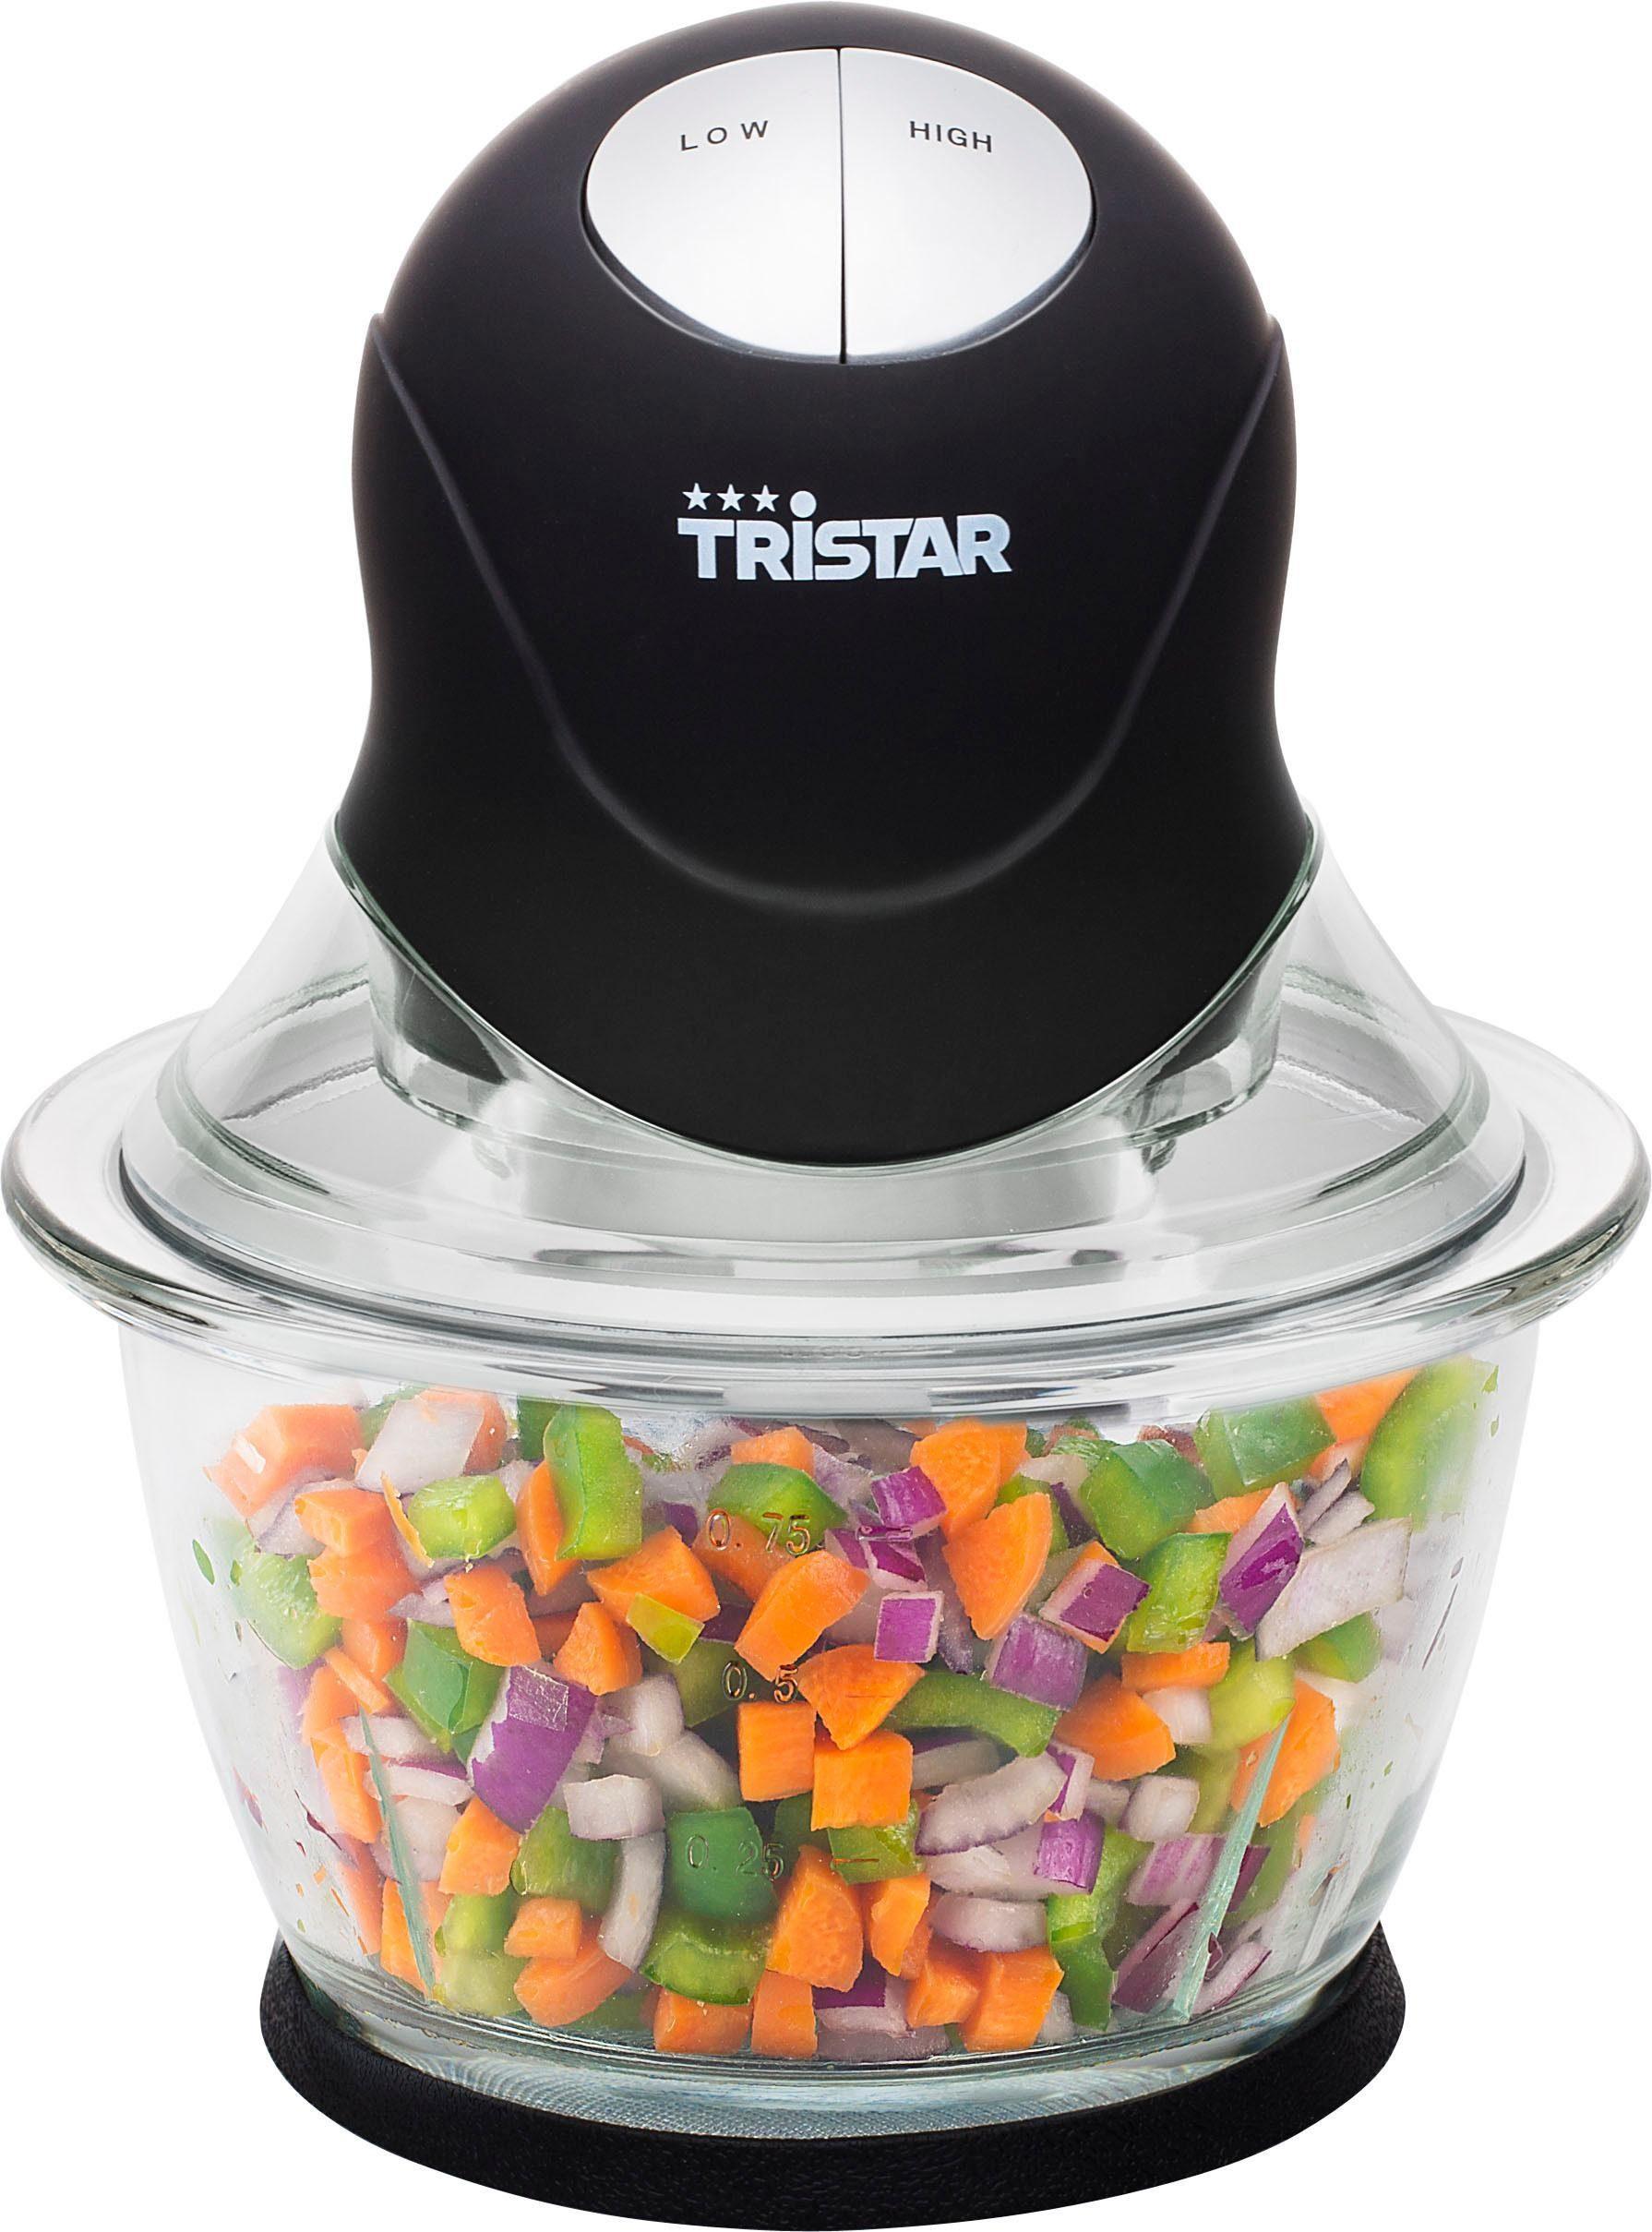 Tristar Zerkleinerer BL-4014, 300 W